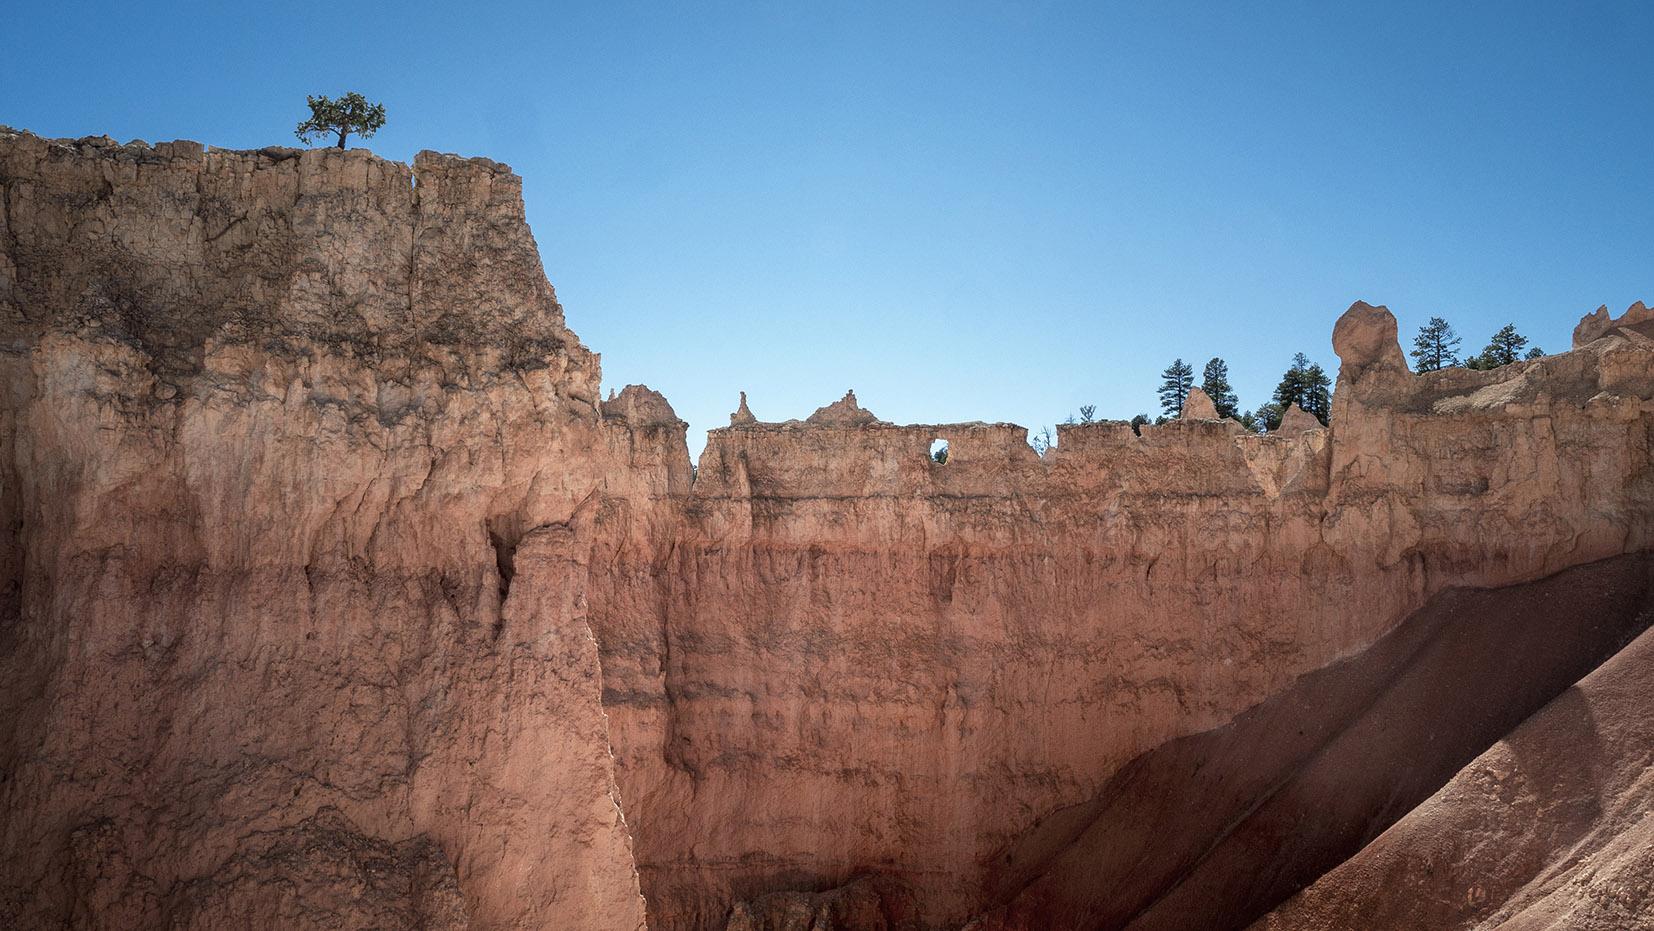 Queens Garden Trail & Navajo Loop roche arbre ciel bleu